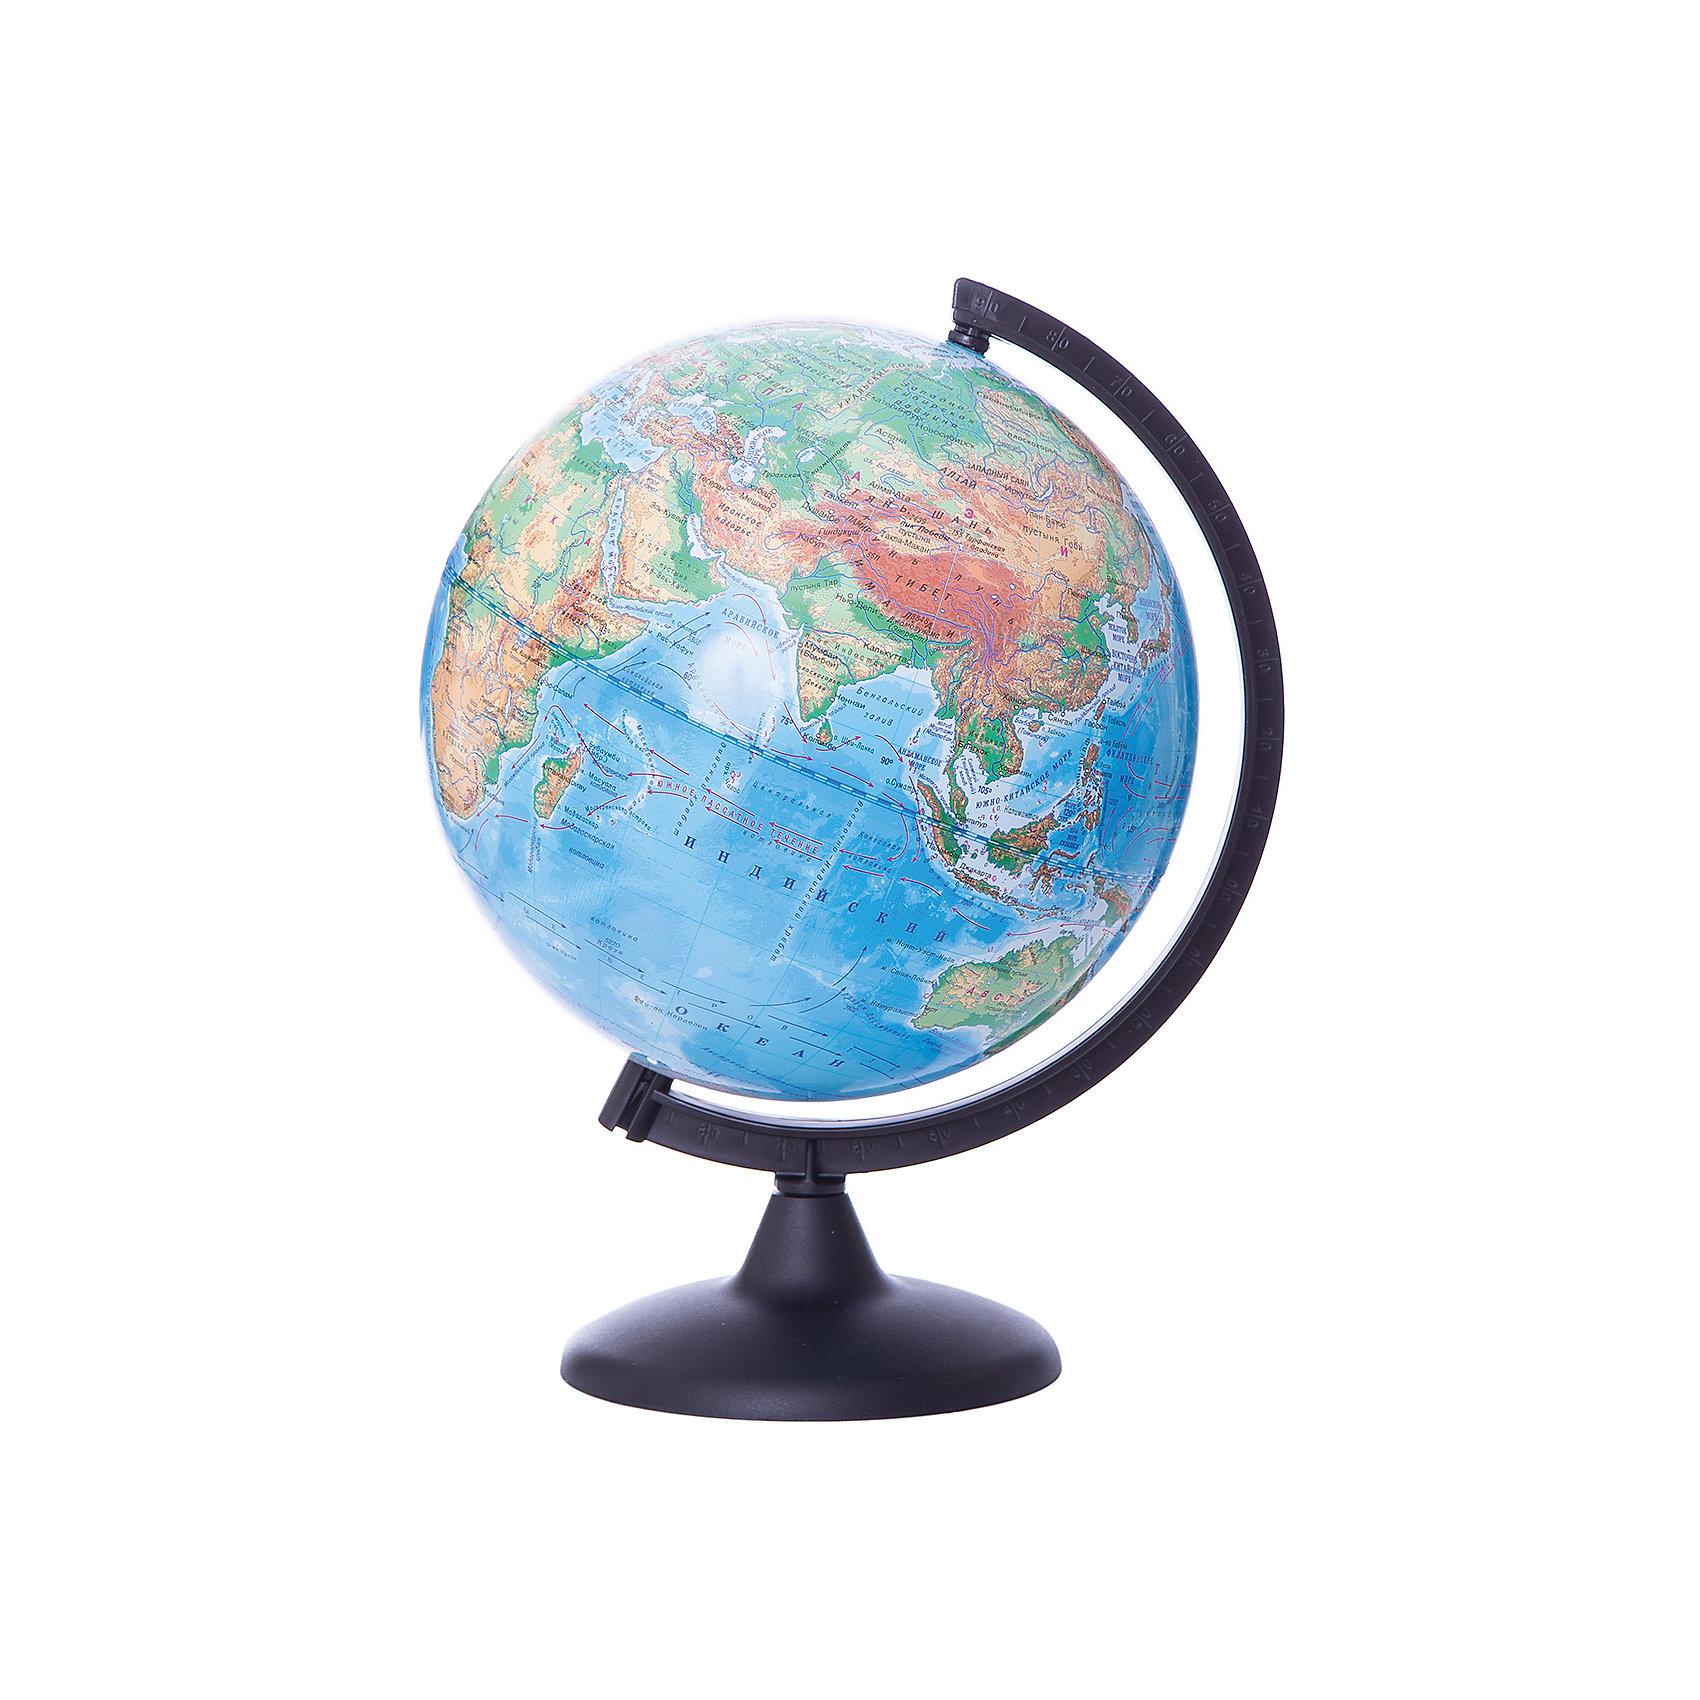 Глобус Земли физический, диаметр 250 ммГлобусы<br>Характеристики товара:<br><br>• возраст от 6 лет;<br>• материал: пластик;<br>• цвет подставки: прозрачный<br>• диаметр глобуса 250 мм;<br>• масштаб 1:50000000;<br>• размер упаковки 36х26х26 см;<br>• вес упаковки 650 гр.;<br>• страна производитель: Россия.<br><br>Глобус Земли физический 250 мм Глобусный мир — уменьшенная копия нашей планеты. Глобус станет отличным дополнением во время изучения географии для школьника или студента. На нем можно найти расположение стран и их столиц, а также поближе познакомиться с рельефом и строением нашей планеты. На нем нанесены материки, океаны и моря, острова, глубоководные впадины, горы и возвышенности.<br><br>Глобус Земли физический 250 мм Глобусный мир можно приобрести в нашем интернет-магазине.<br><br>Ширина мм: 260<br>Глубина мм: 260<br>Высота мм: 360<br>Вес г: 650<br>Возраст от месяцев: 72<br>Возраст до месяцев: 2147483647<br>Пол: Унисекс<br>Возраст: Детский<br>SKU: 5518208